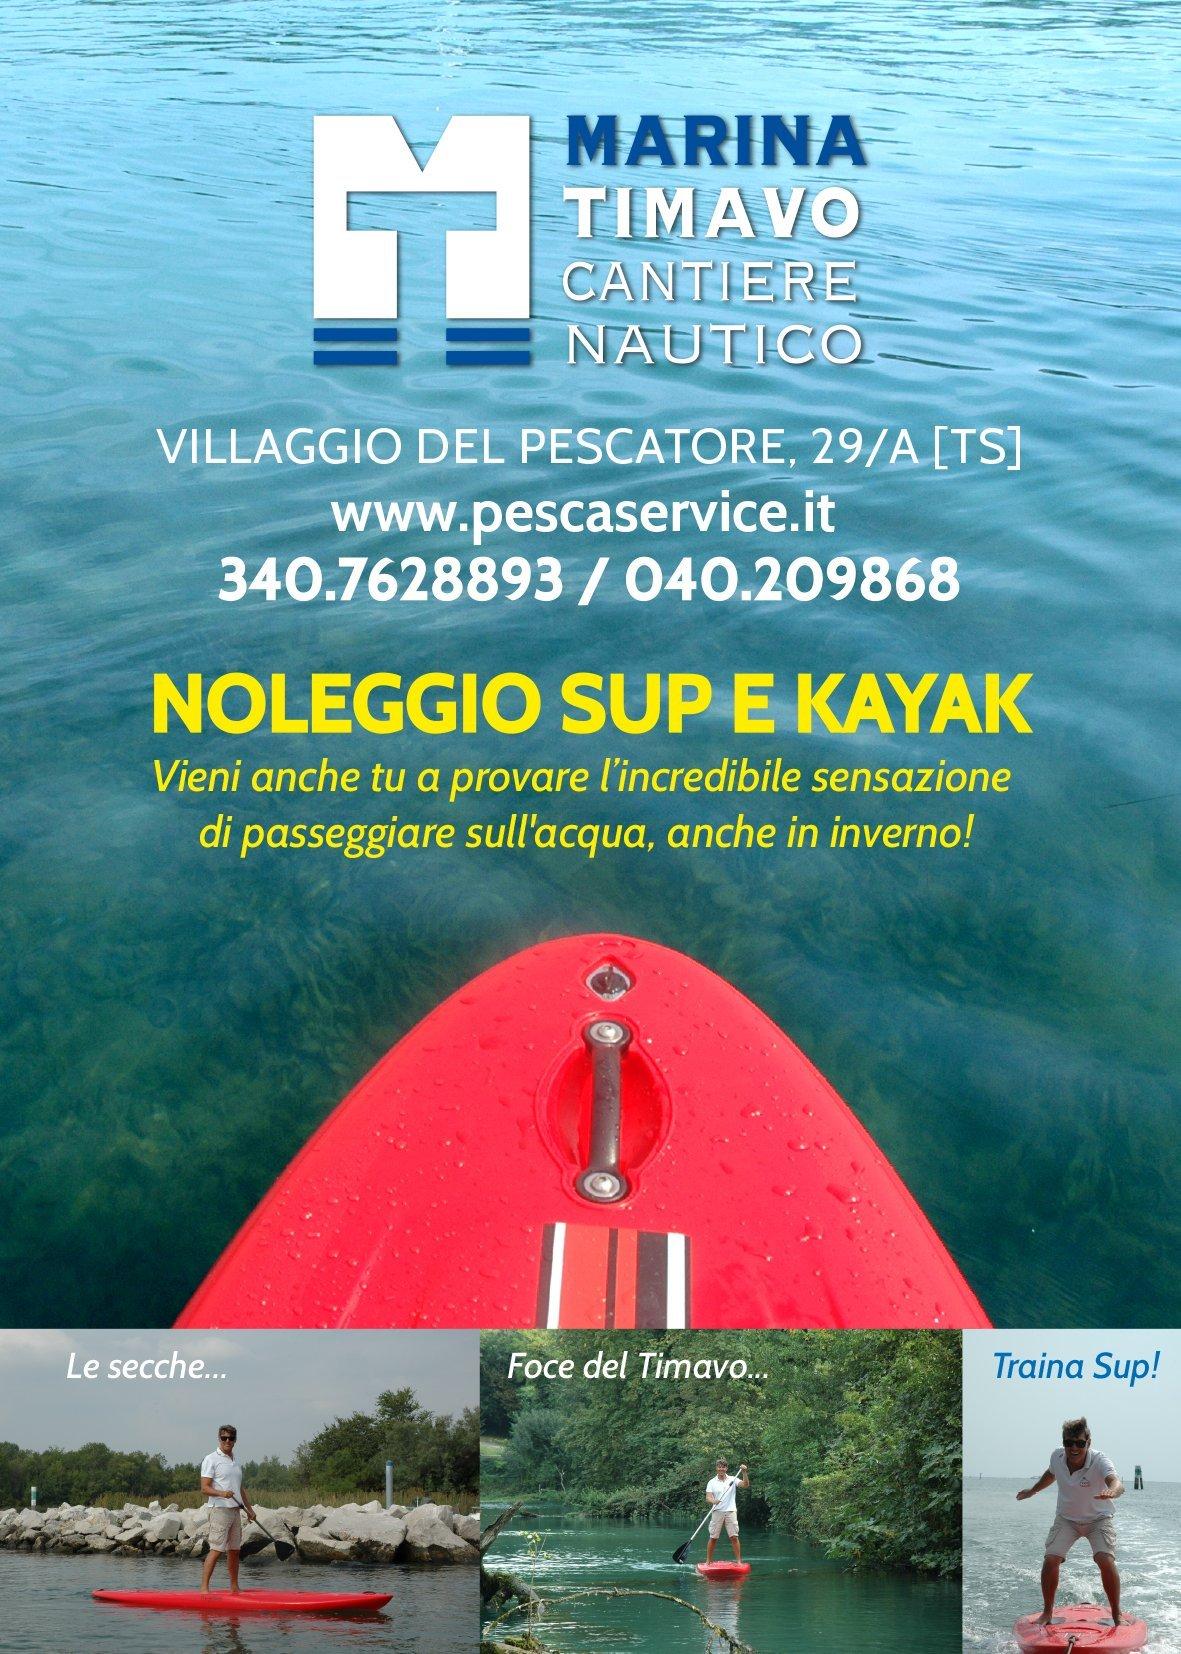 Noleggio Sup e Kayak